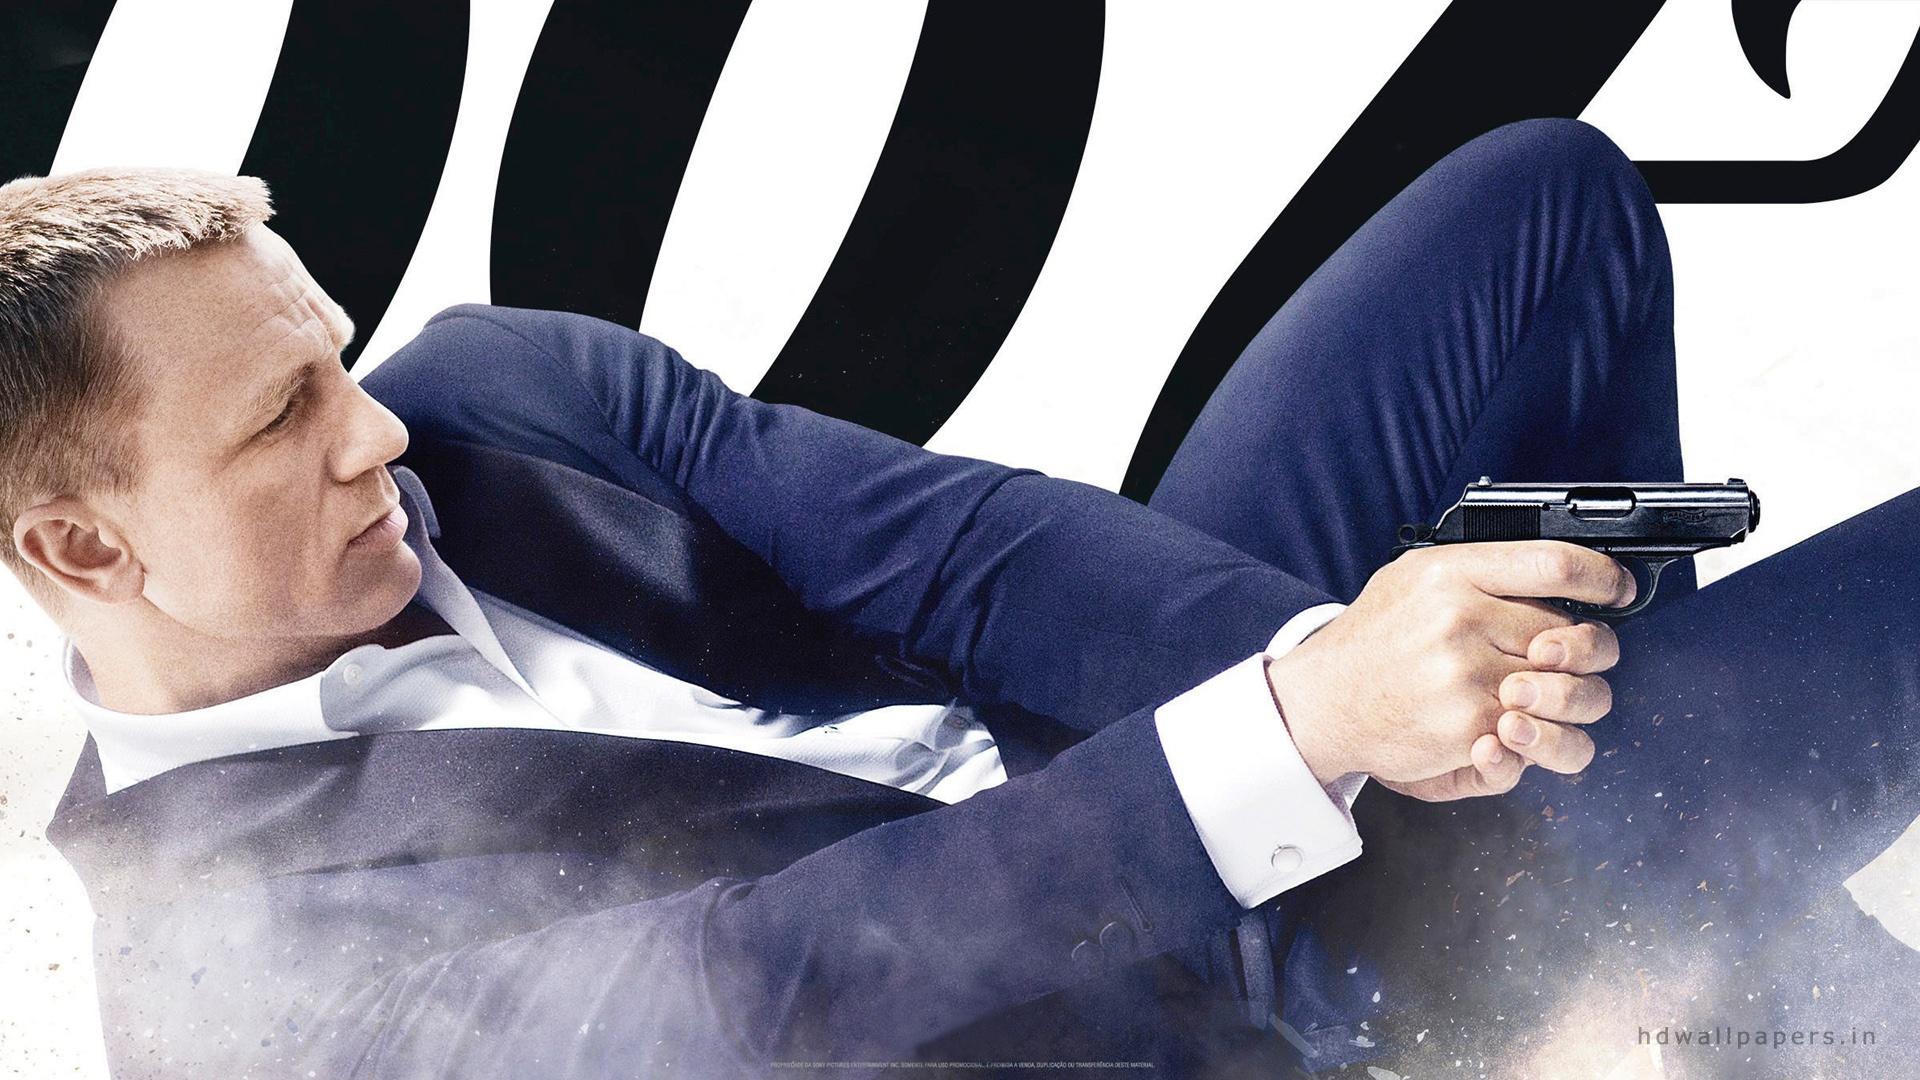 James Bond obrazını növbəti filmlərdə kim canlandıracaq?